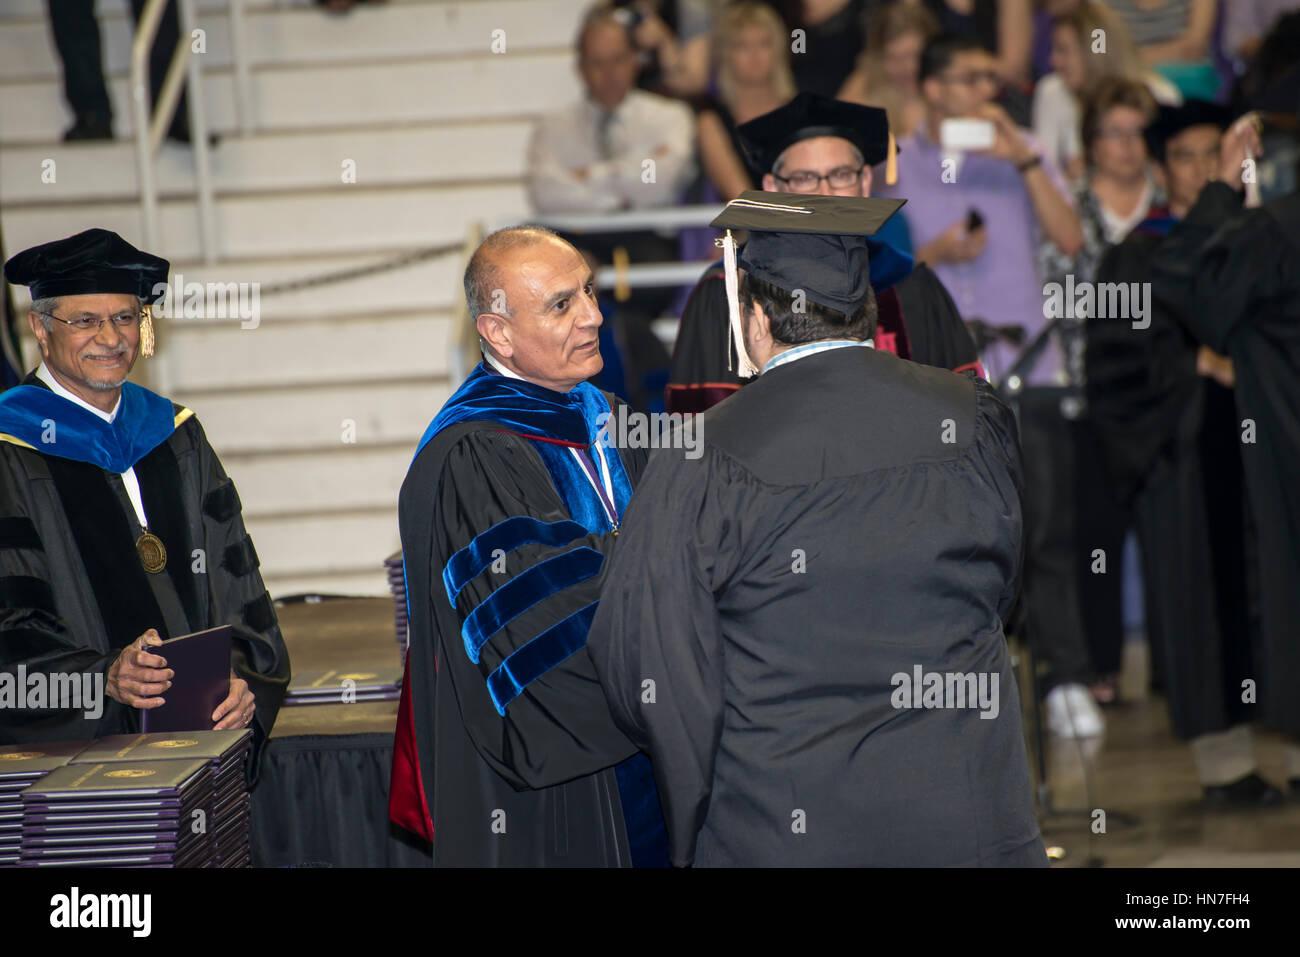 Manhattan, Kansas.  Kansas State University. Graduation ceremony.  Graduate receiving his diploma. - Stock Image